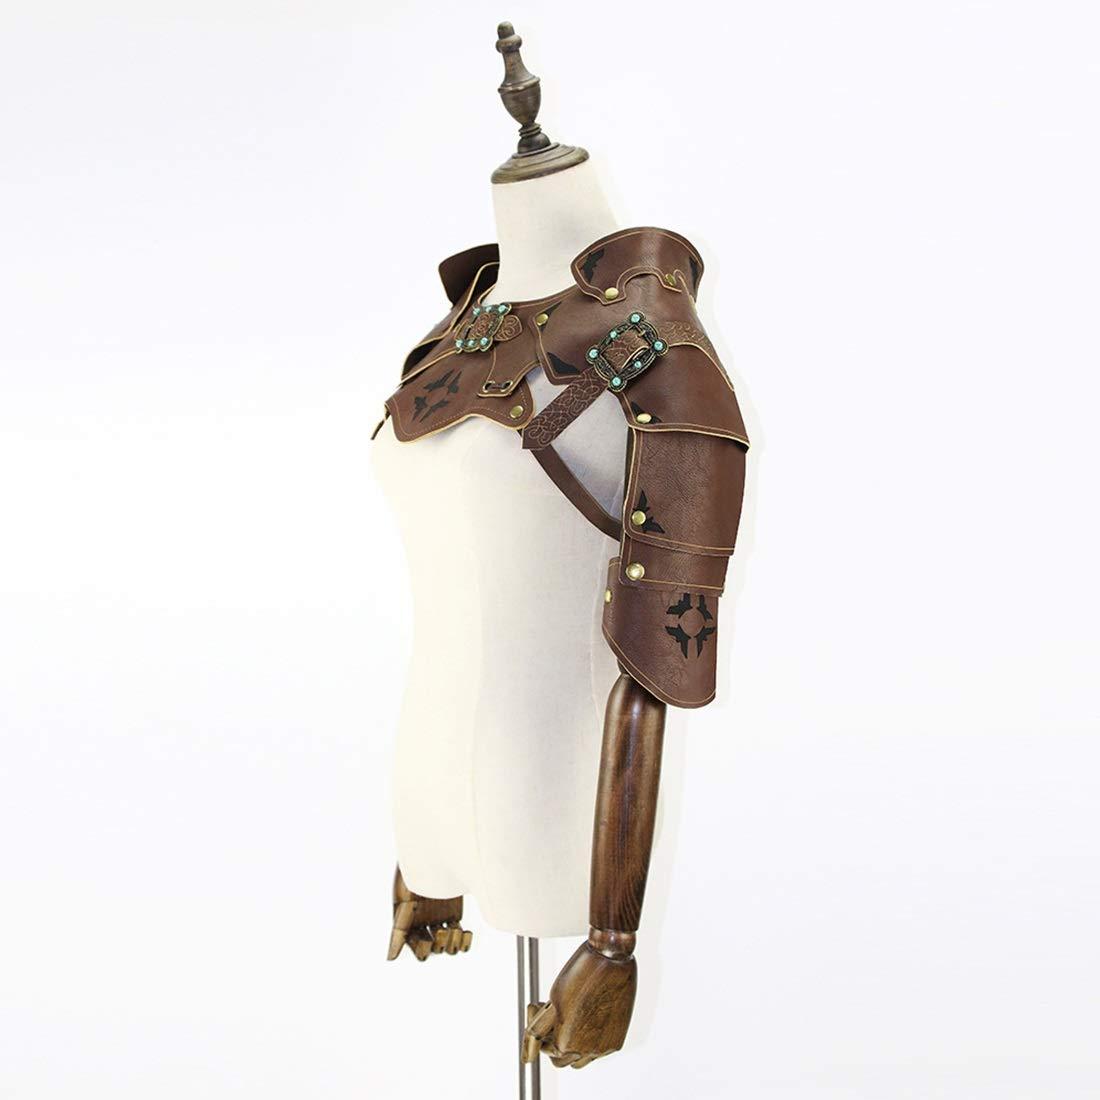 Fengxinwuzi Herren Steampunk Steampunk Steampunk Retro Leder Rüstung mit Schulterschnallen Kostüm-Kostüm Halloween Cosplay Requisiten Stil 2 5bfc8b